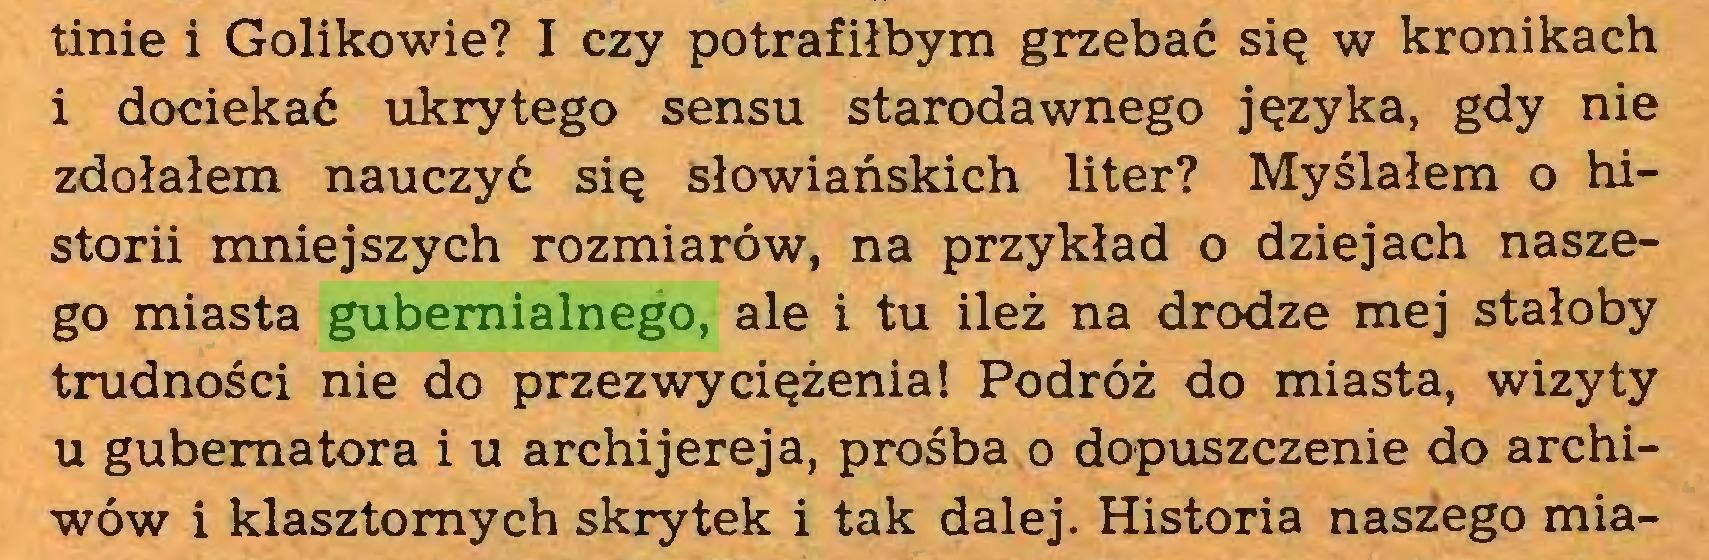 (...) tinie i Golikowie? I czy potrafiłbym grzebać się w kronikach i dociekać ukrytego sensu starodawnego języka, gdy nie zdołałem nauczyć się słowiańskich liter? Myślałem o historii mniejszych rozmiarów, na przykład o dziejach naszego miasta gubemialnego, ale i tu ileż na drodze mej stałoby trudności nie do przezwyciężenia! Podróż do miasta, wizyty u gubernatora i u archijereja, prośba o dopuszczenie do archiwów i klasztornych skrytek i tak dalej. Historia naszego mia...